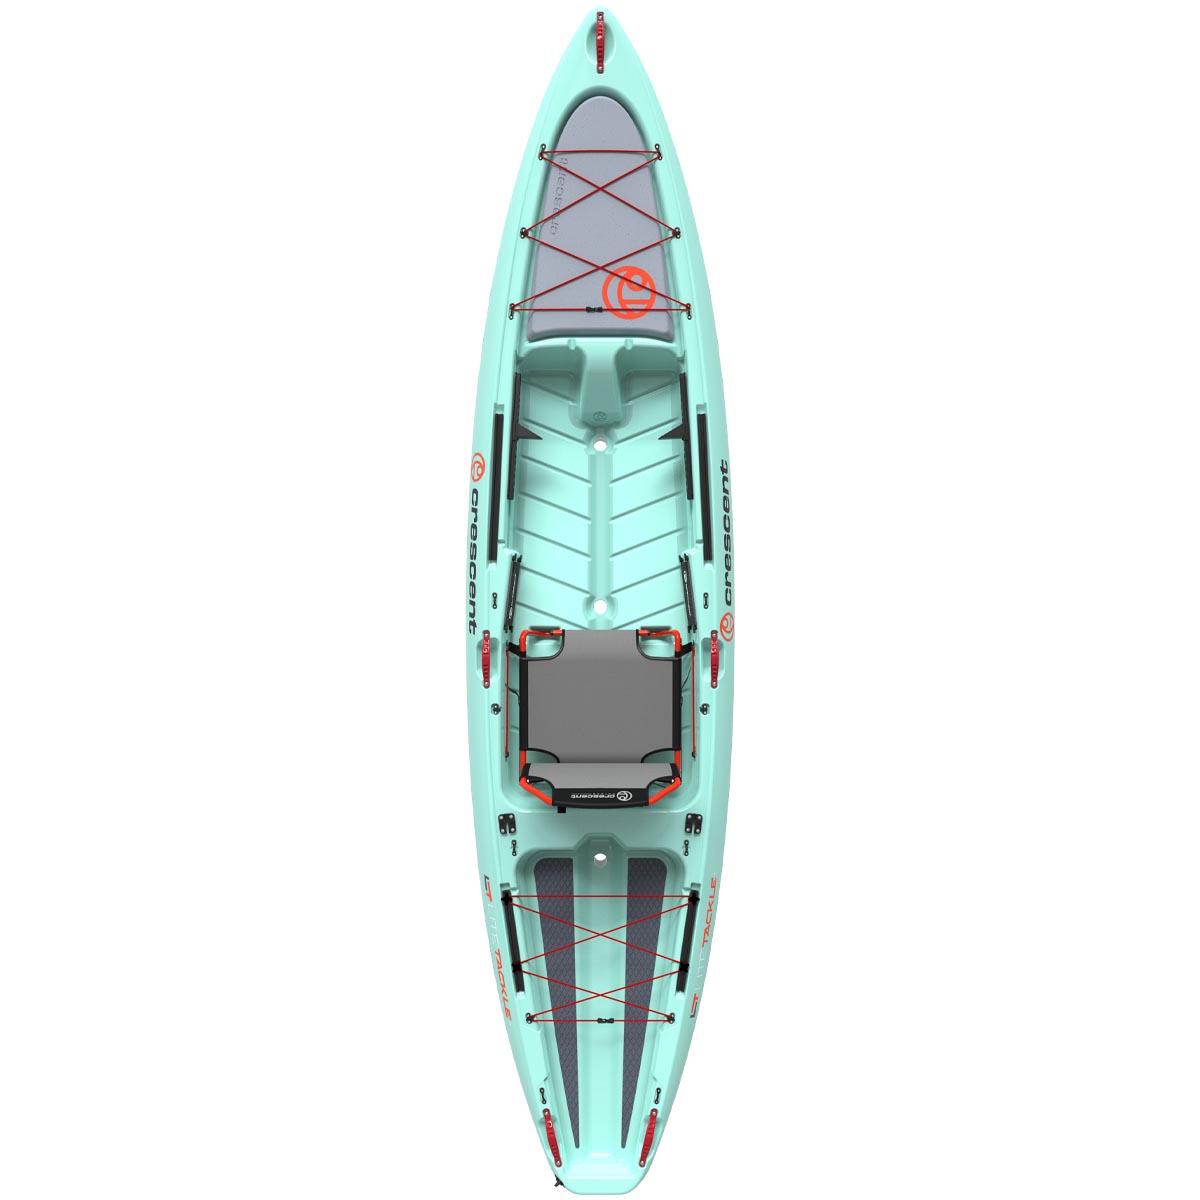 Crescent Kayaks | Big Frank's Outdoors